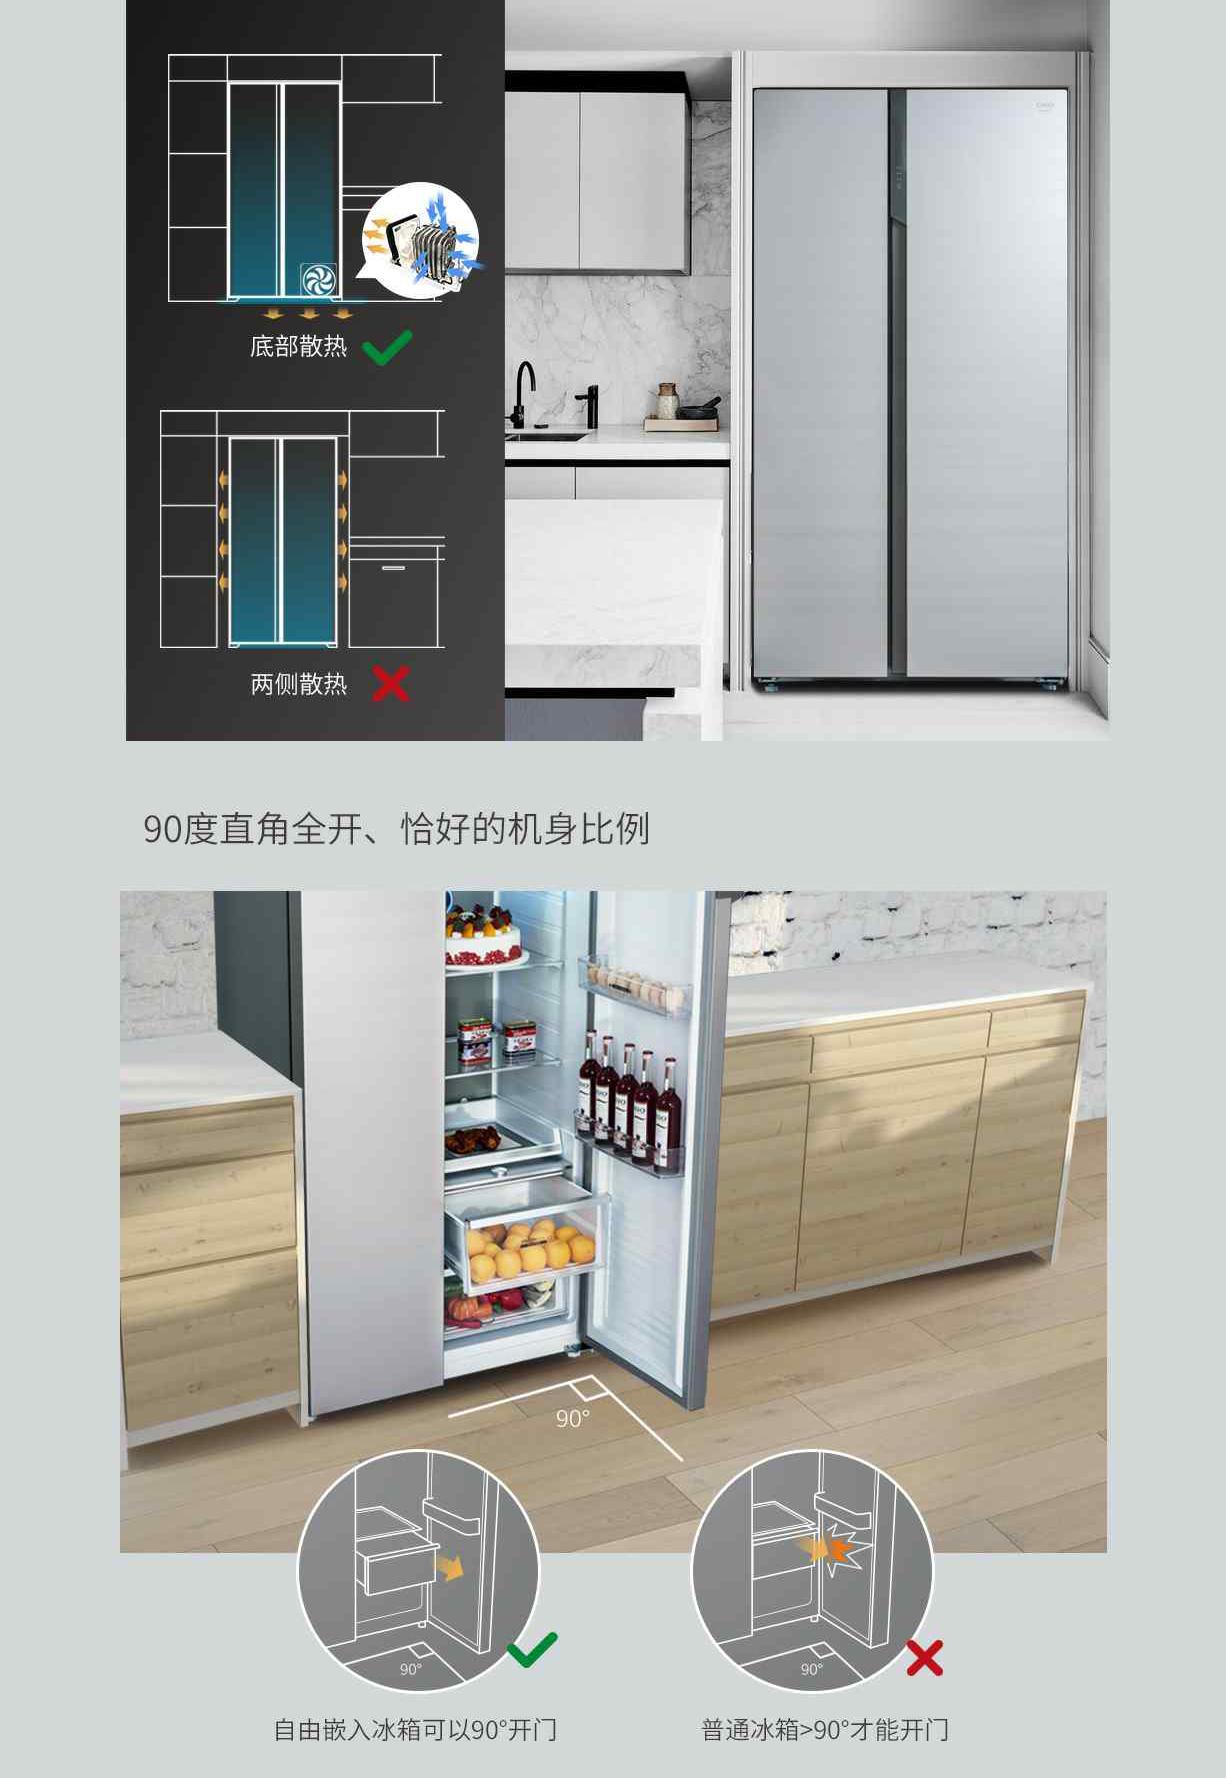 【苏宁专供】美菱冰箱BCD-552WQ3D 精确变频 风冷无霜 底部散热 超薄箱体( 米雅金)